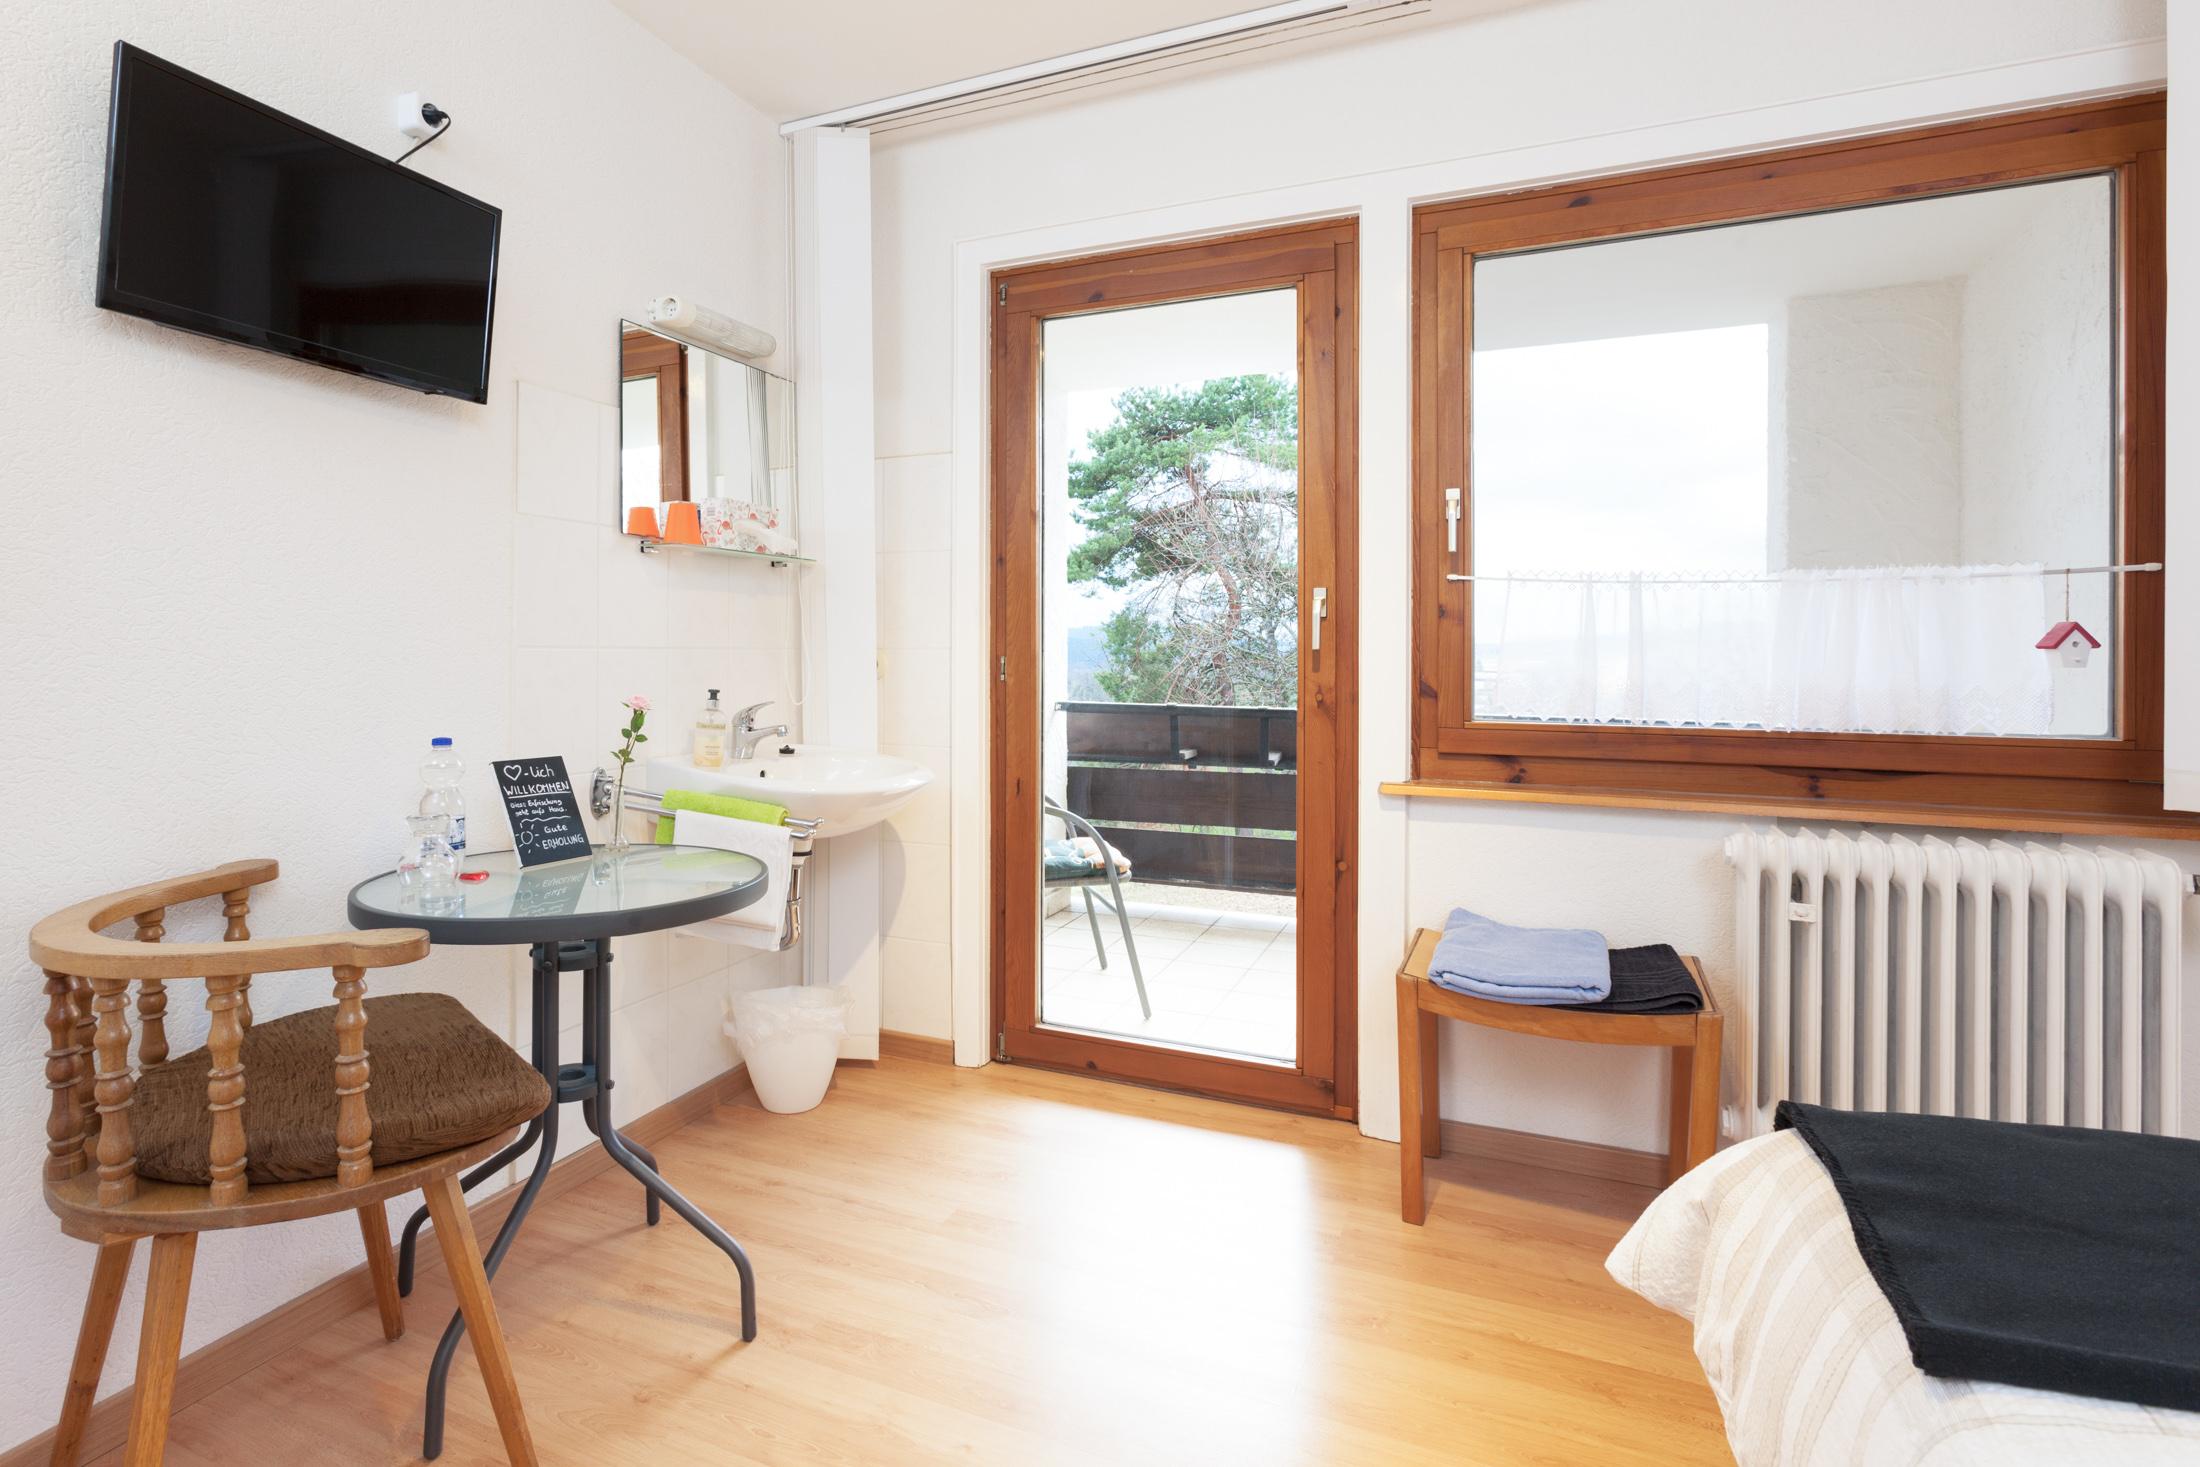 Einzelzimmer mit Balkon #4 / Gemeinschaftsbad auf der Etage